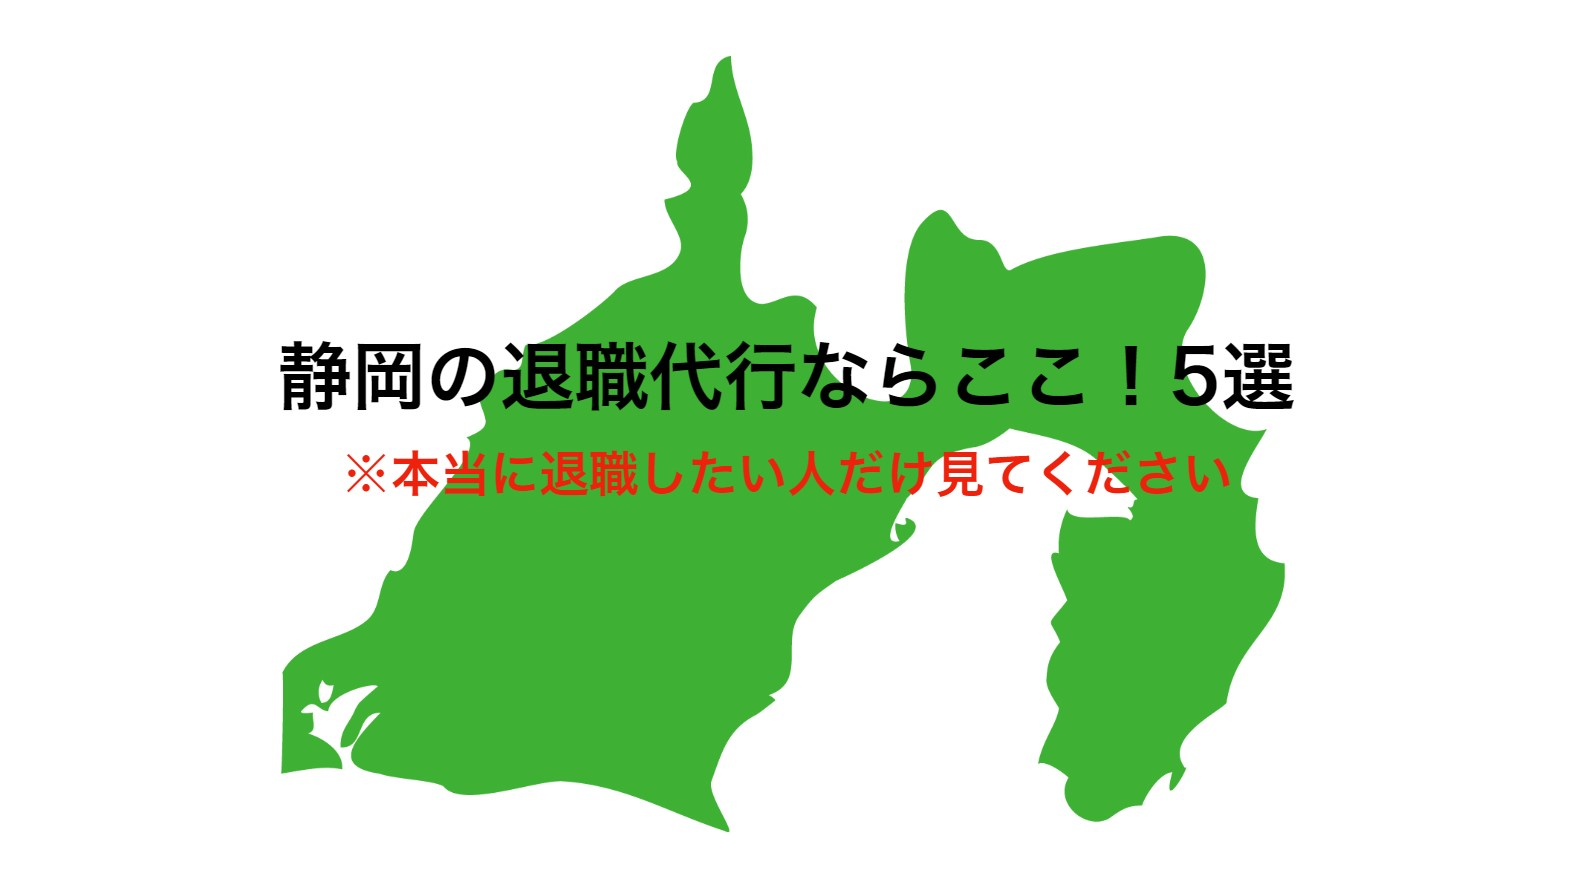 静岡 退職代行サービス おすすめ